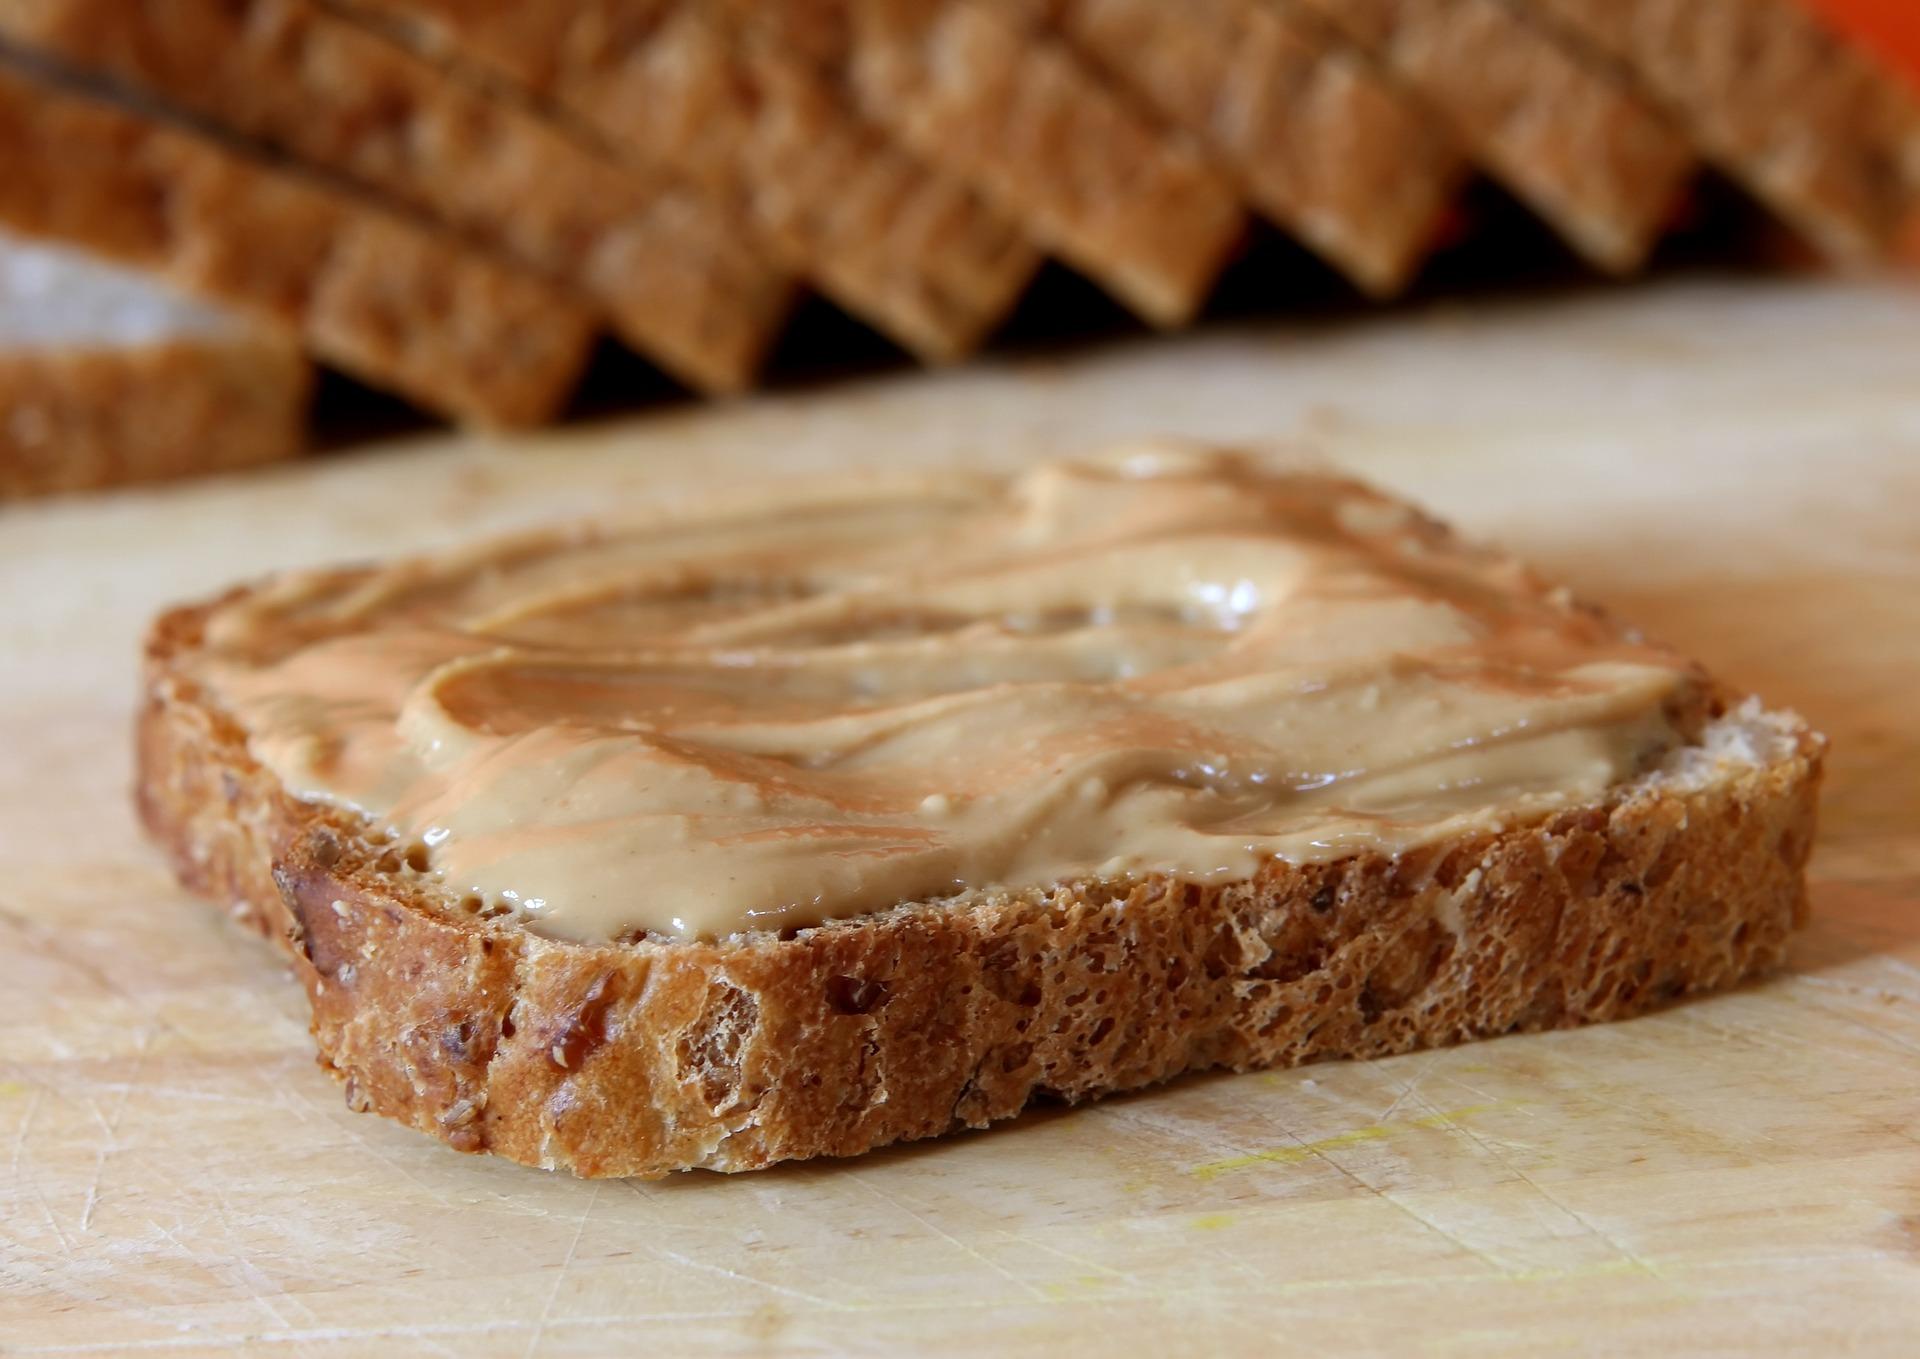 Zero waste peanut butter